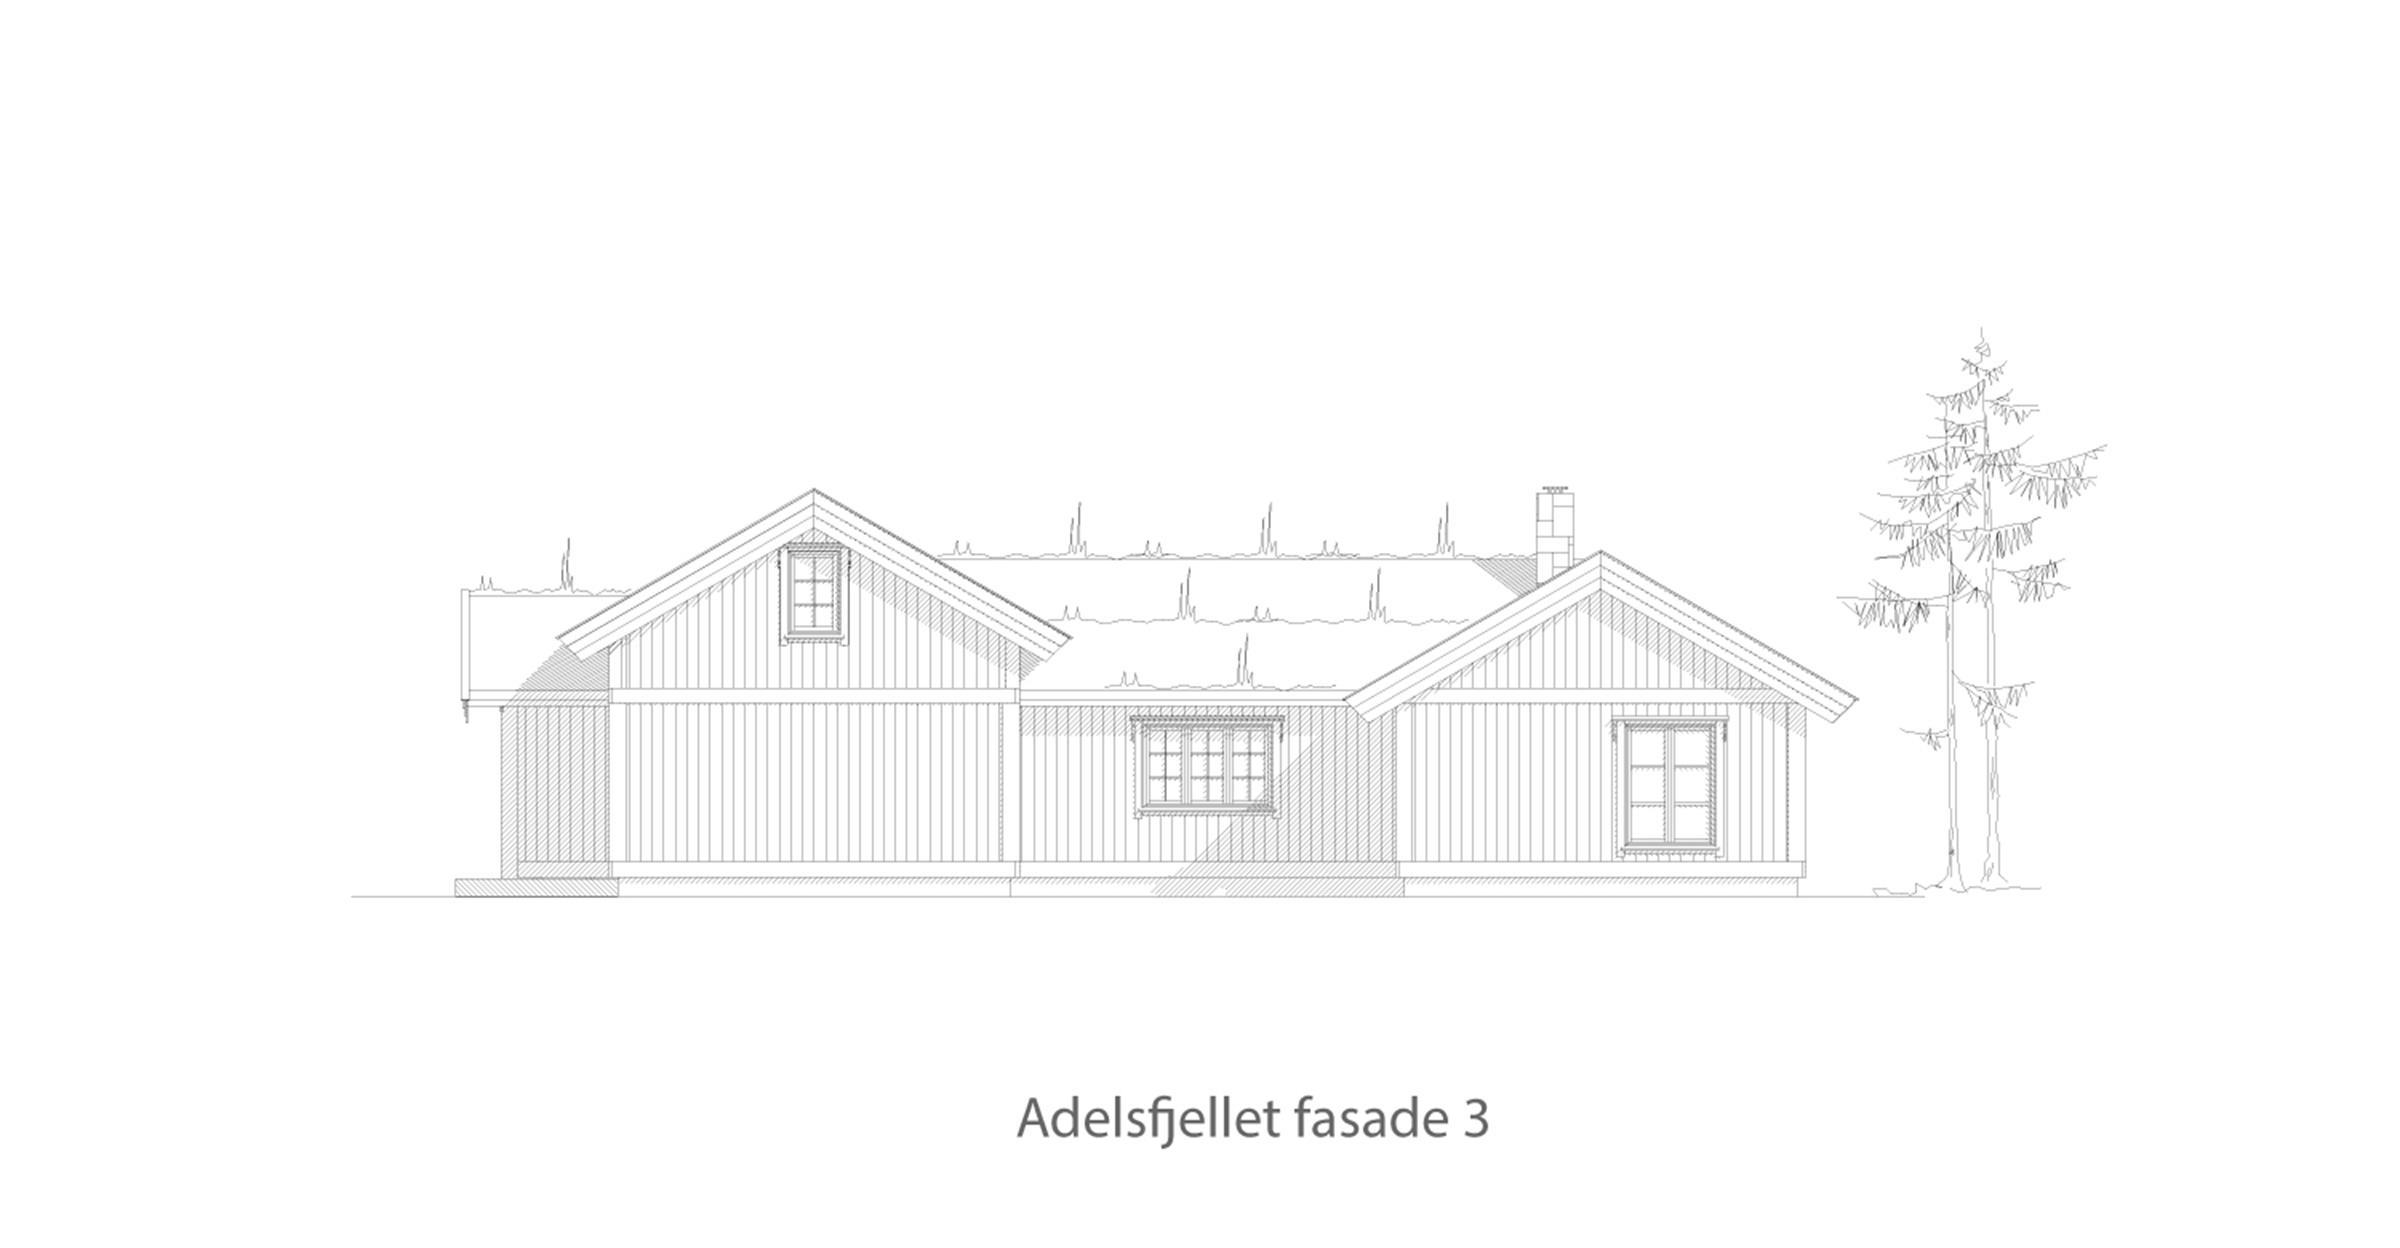 Adelsfjellet fasade 3